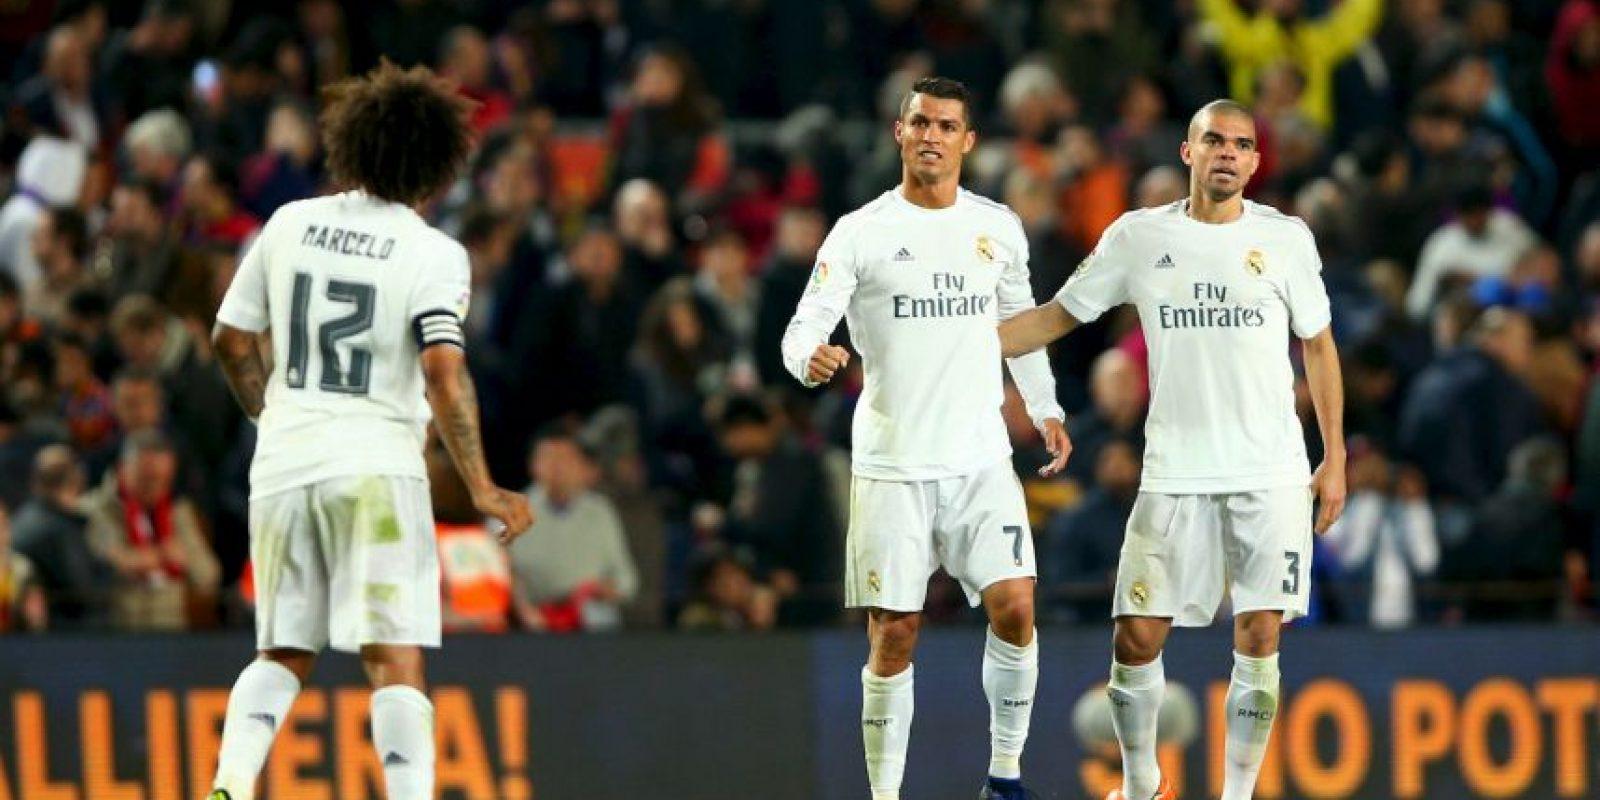 Real Madrid venció al Barcelona en el Clásico de España. Foto:Getty Images